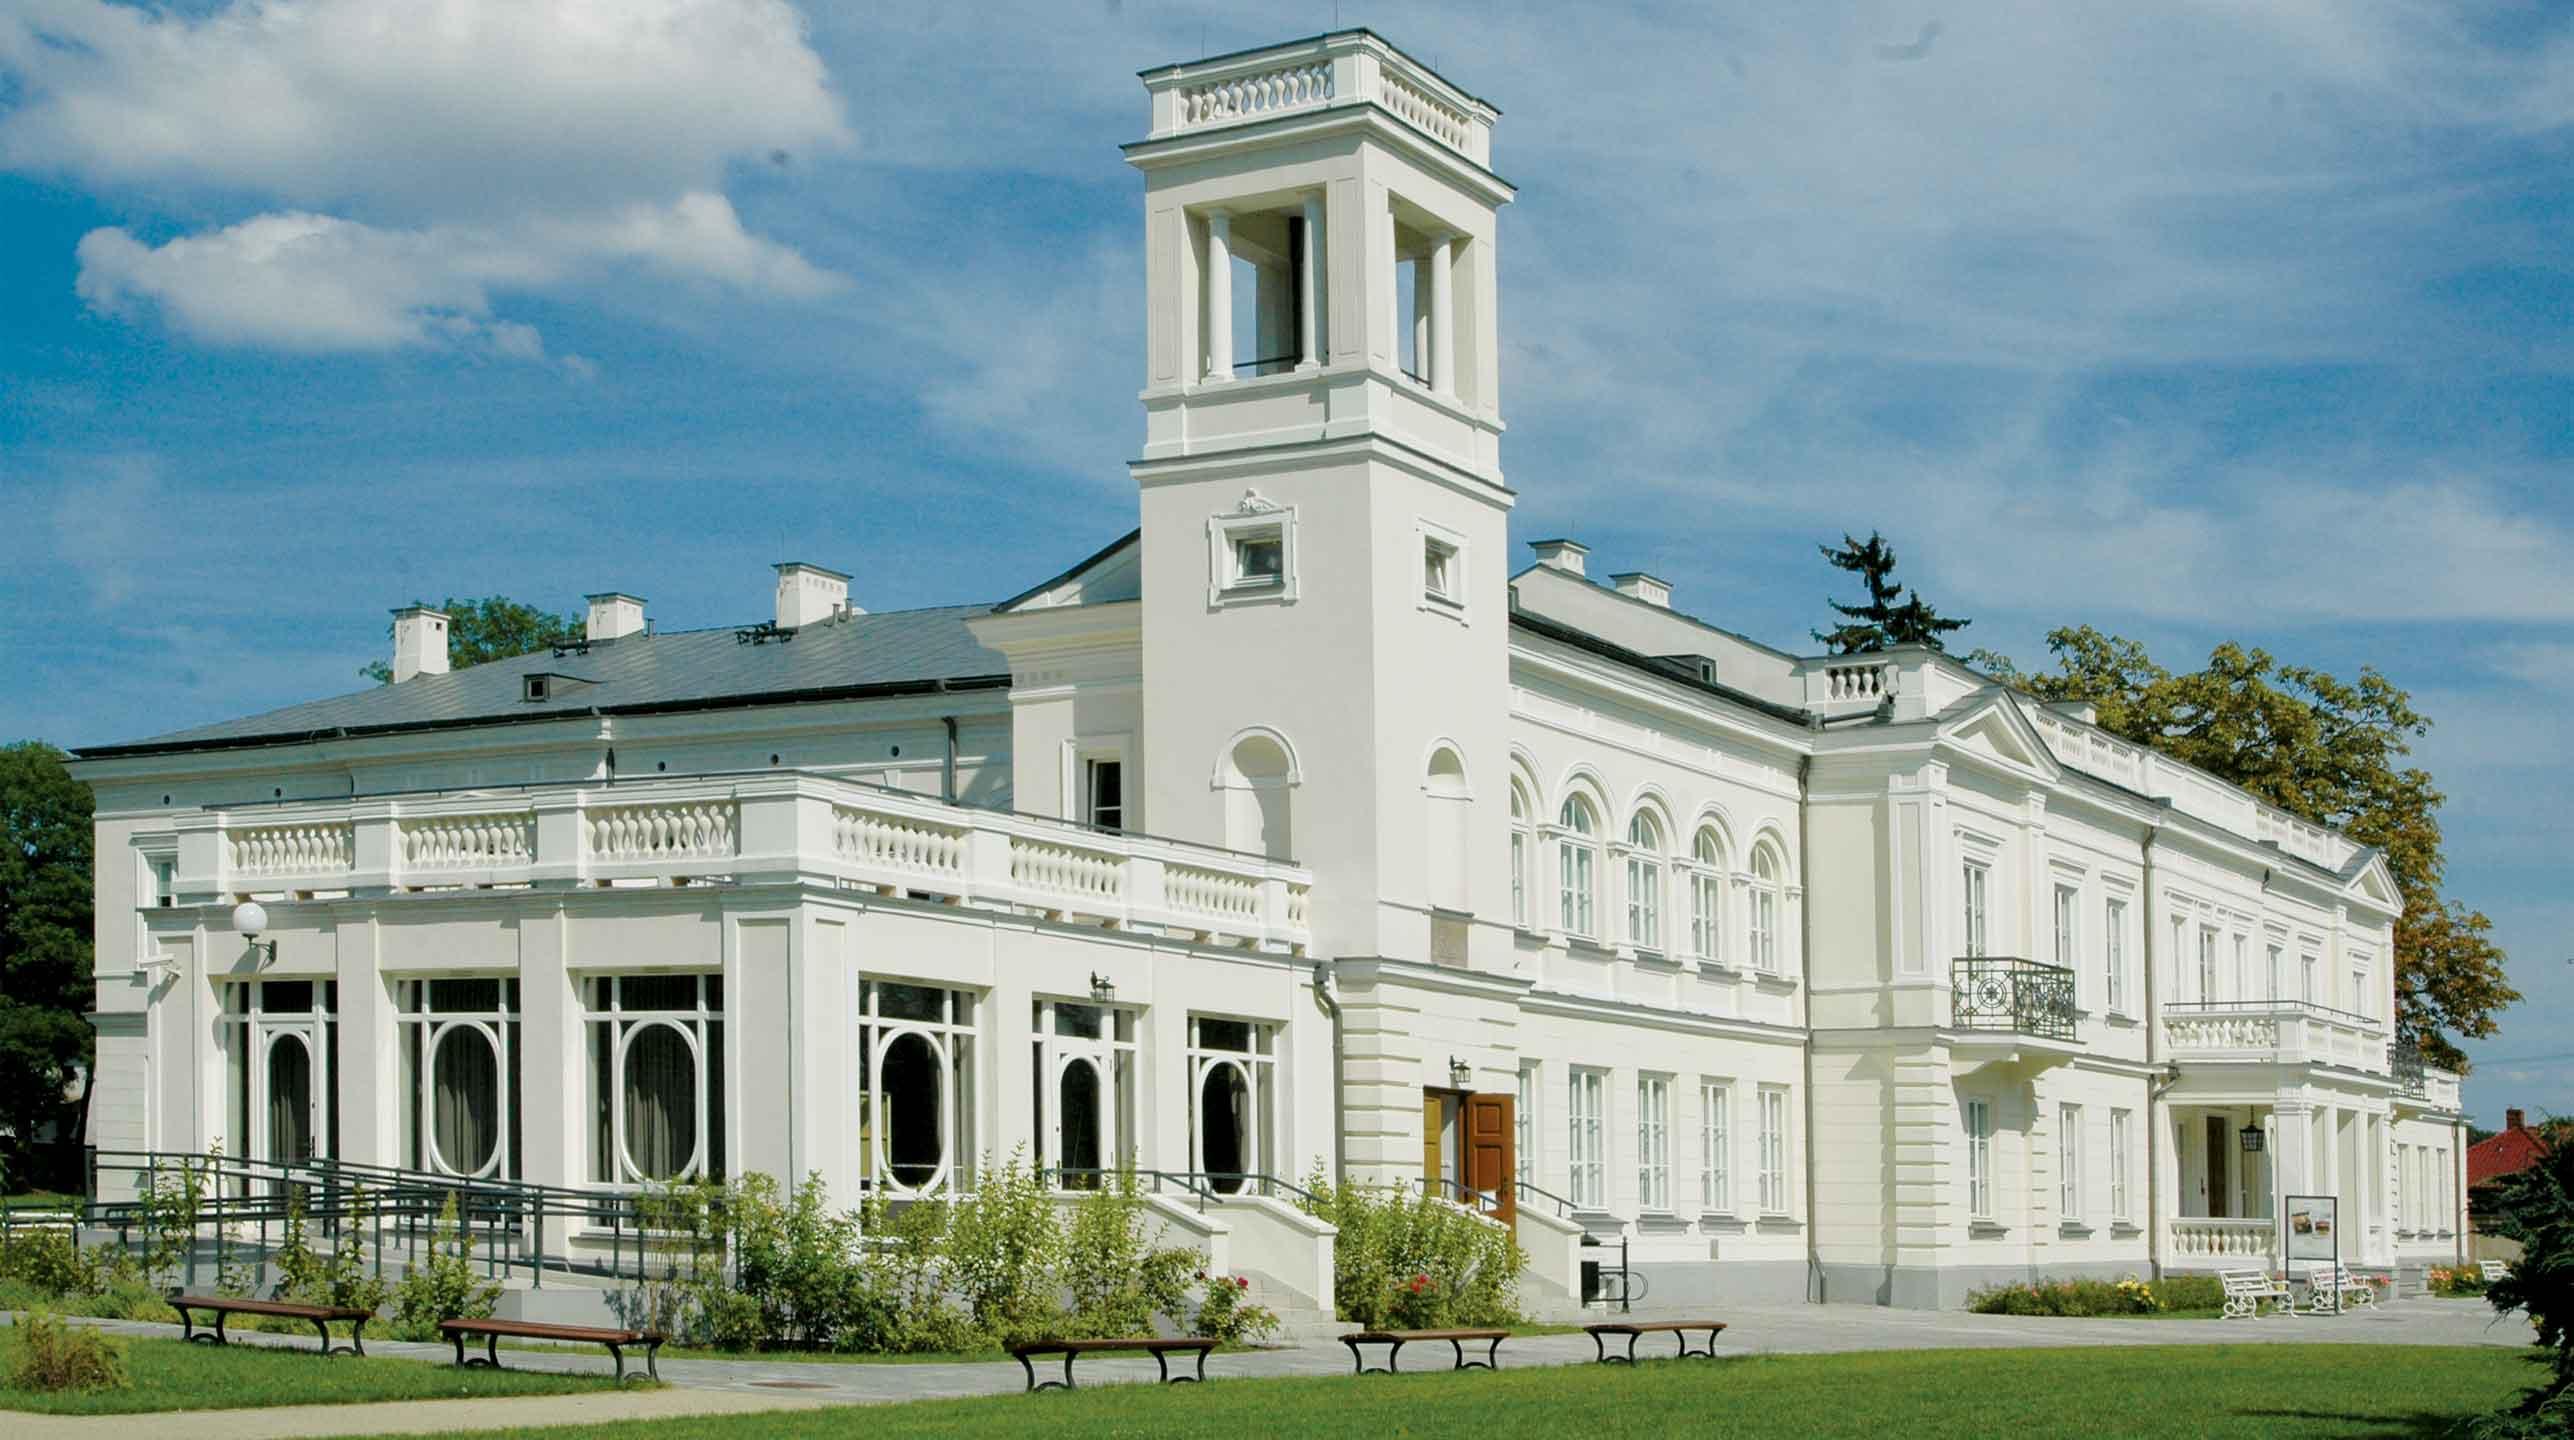 (Nie)znany pałac wSannikach